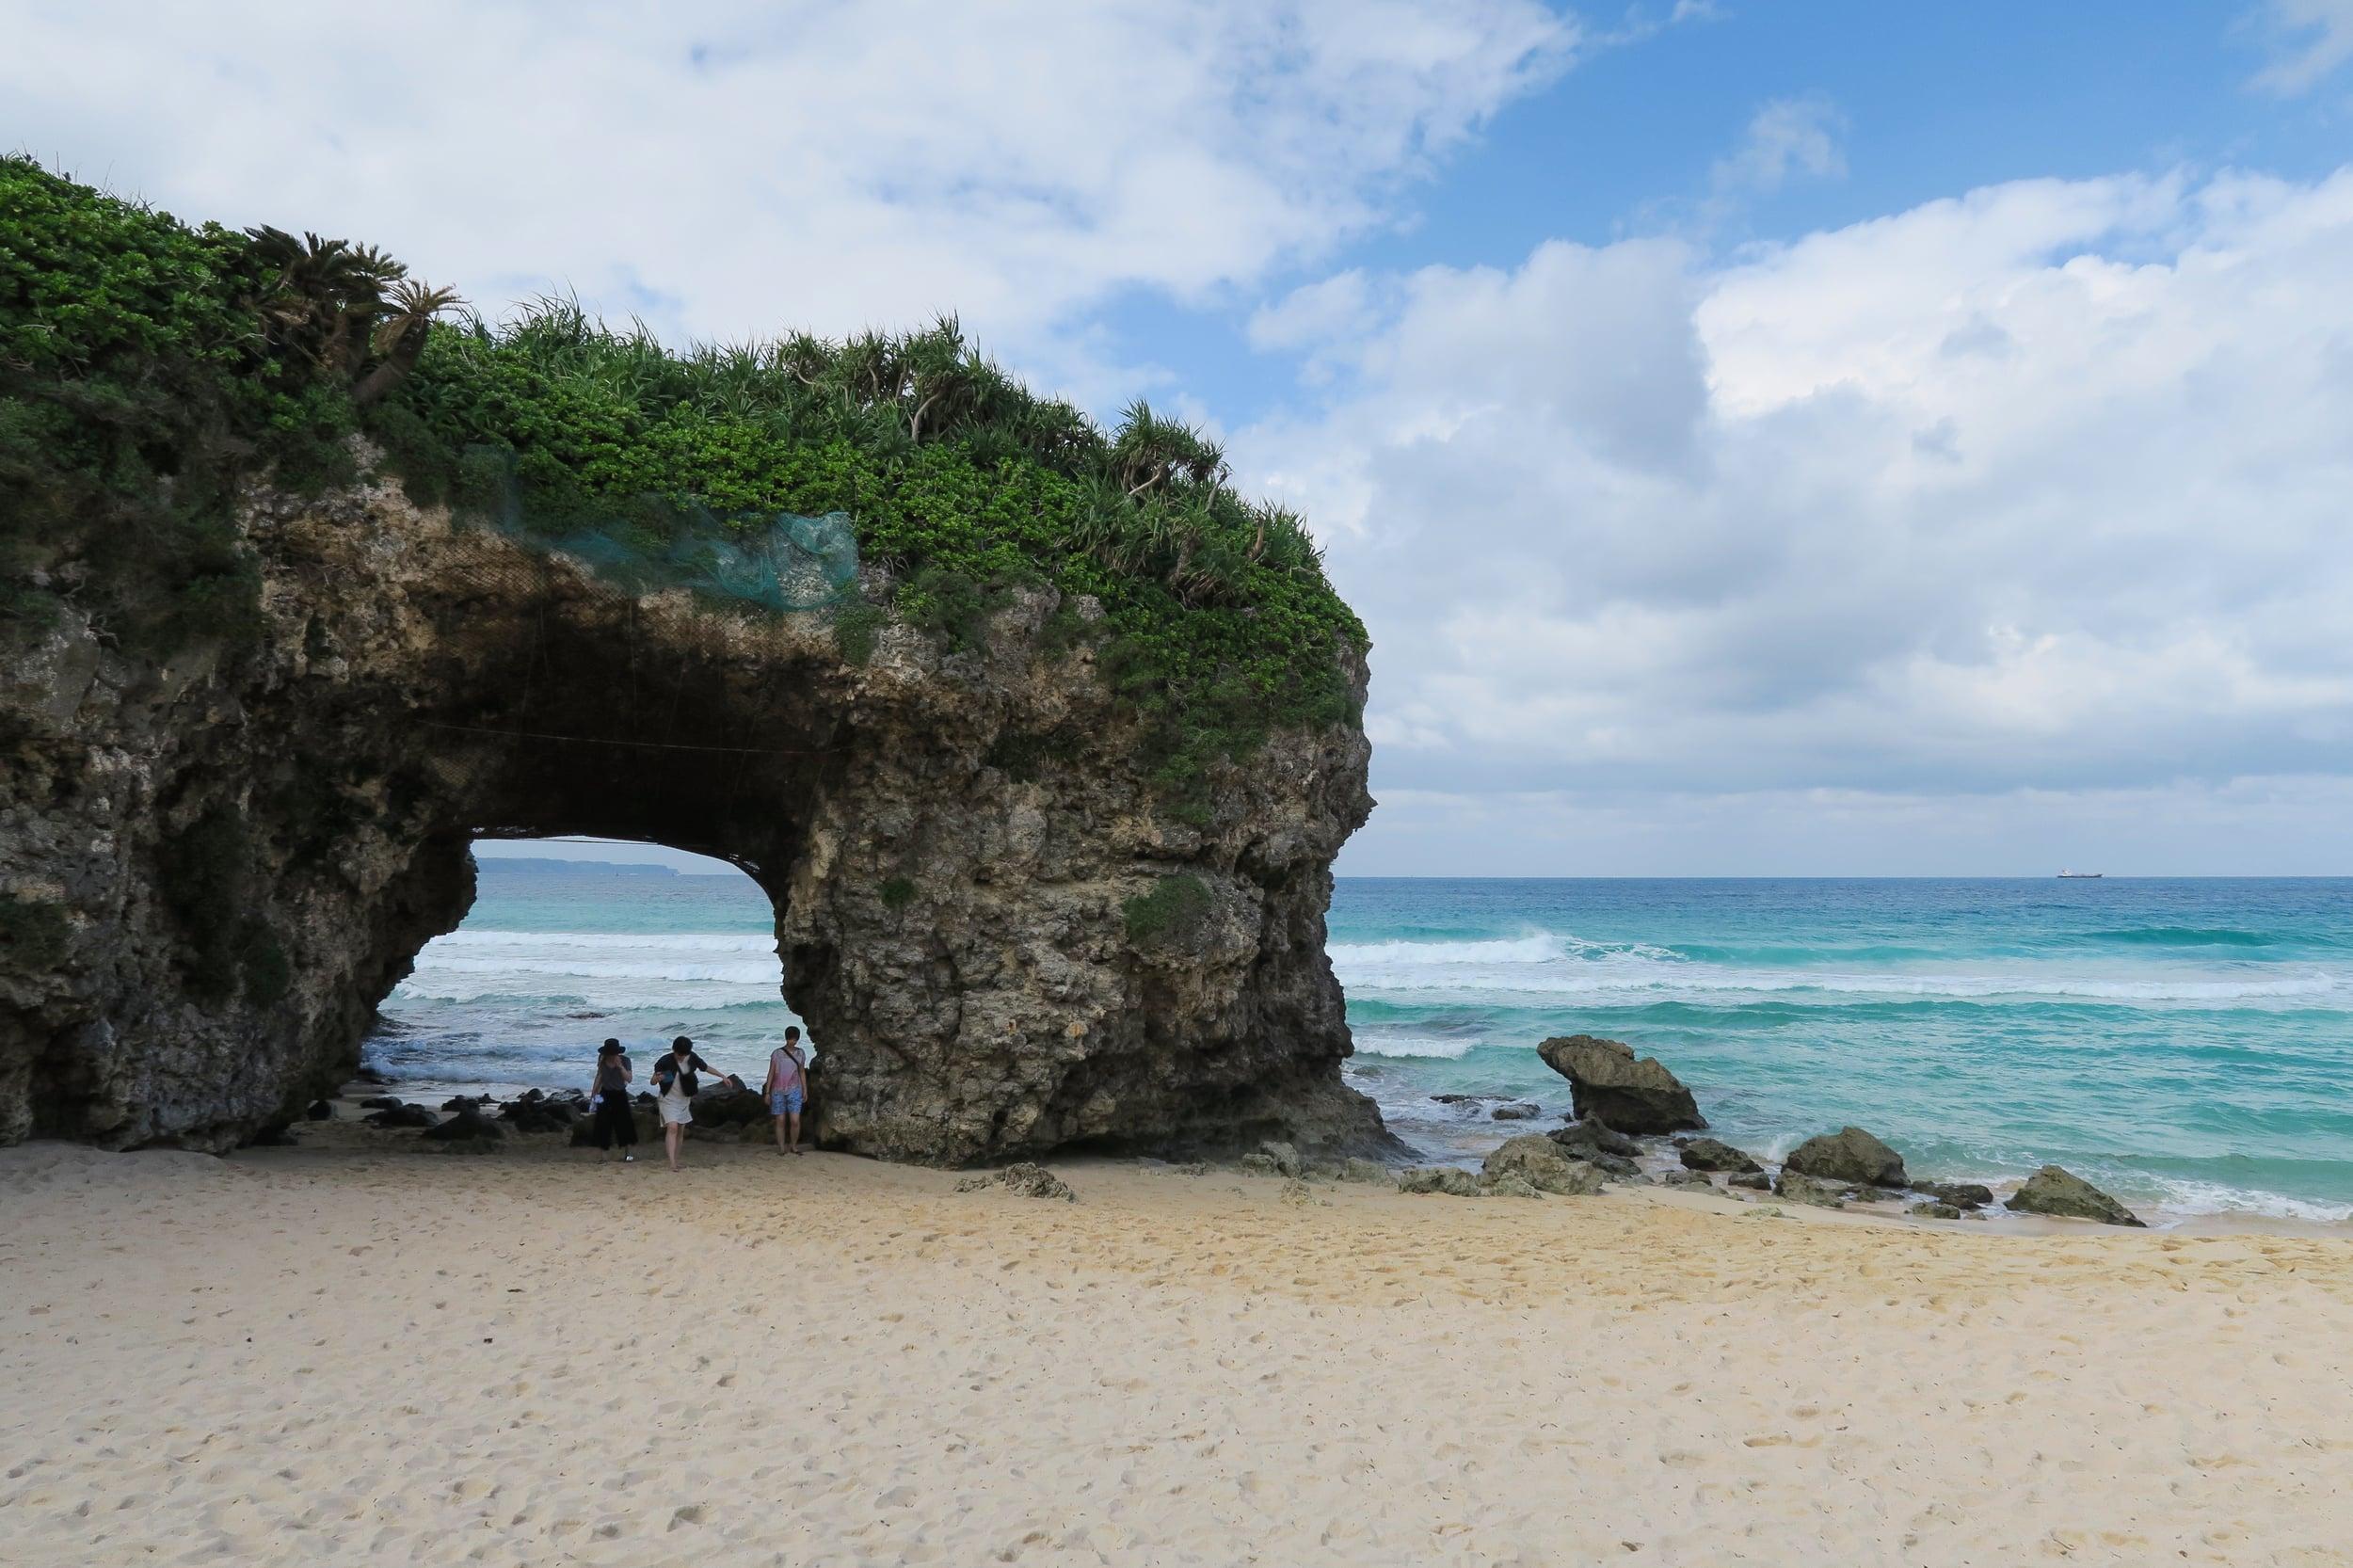 Sunayama Beach (砂山ビーチ)